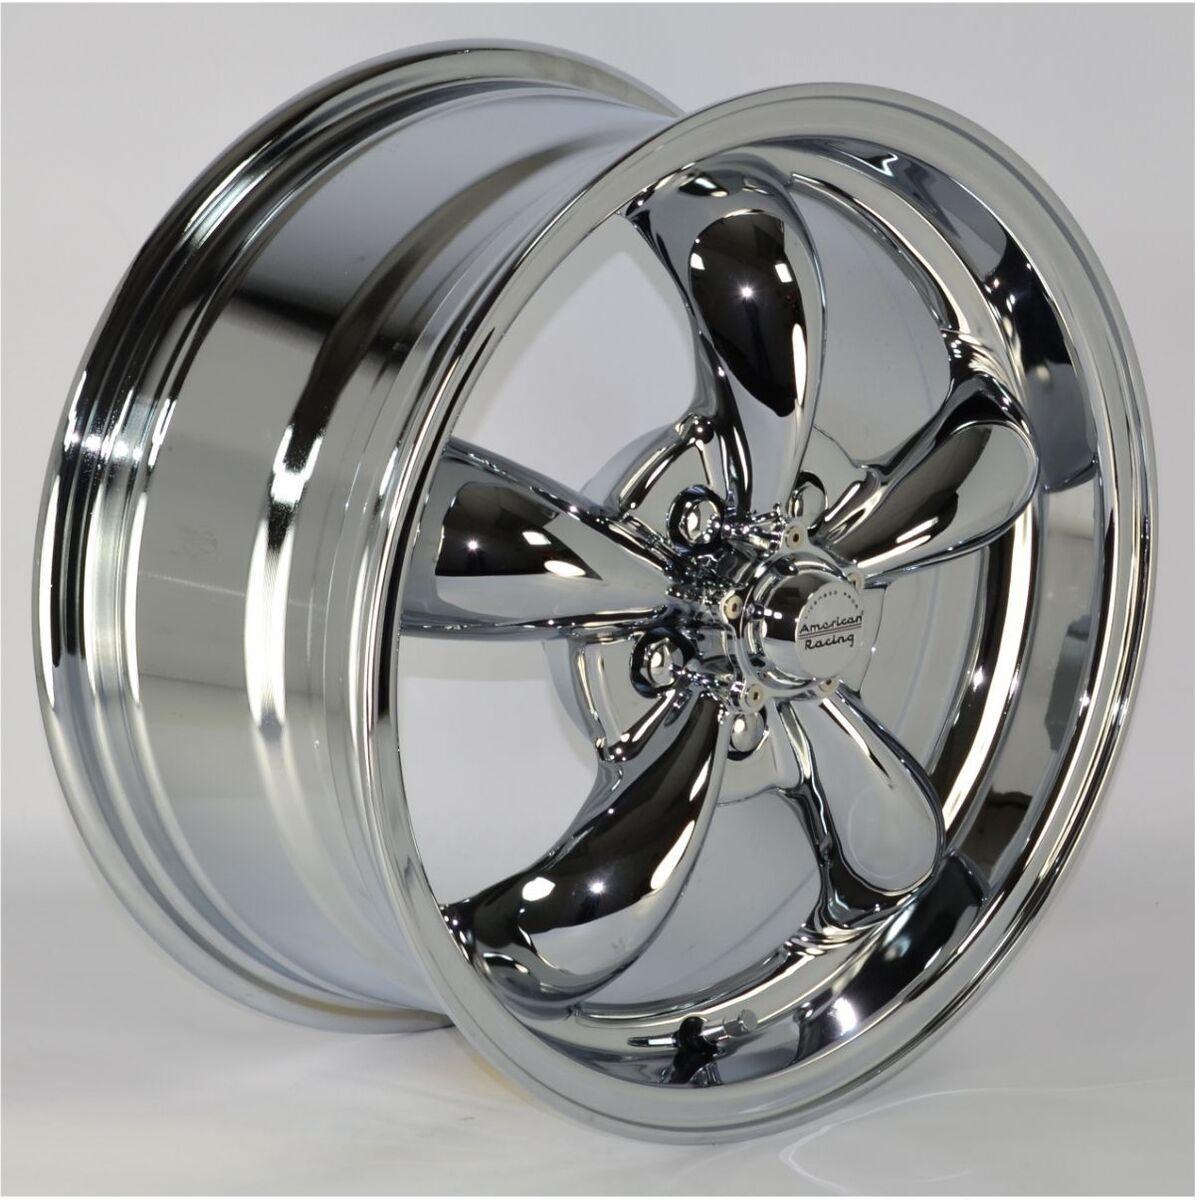 16x7 5 Spoke Chrome Wheels Rims 5x100 mm for Chrysler PT Cruiser 2002